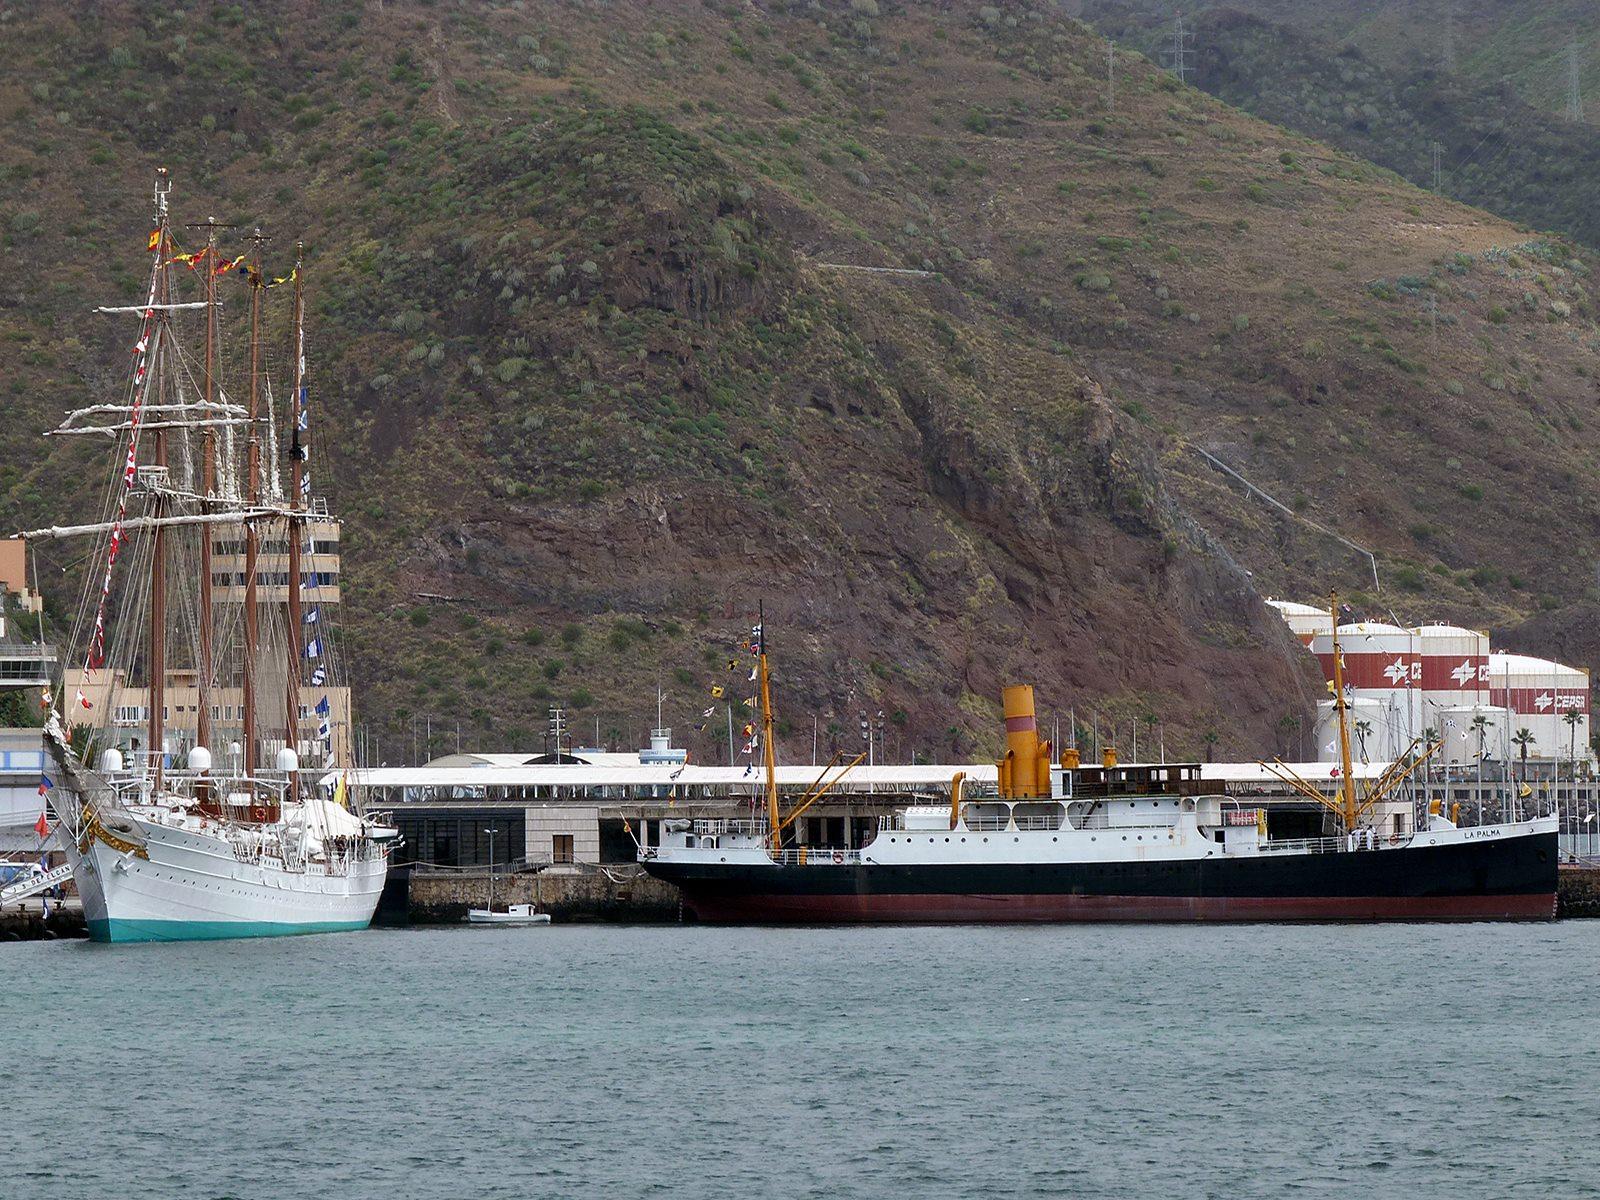 Dos épocas de la navegación coinciden en el puerto de Santa Cruz de Tenerife